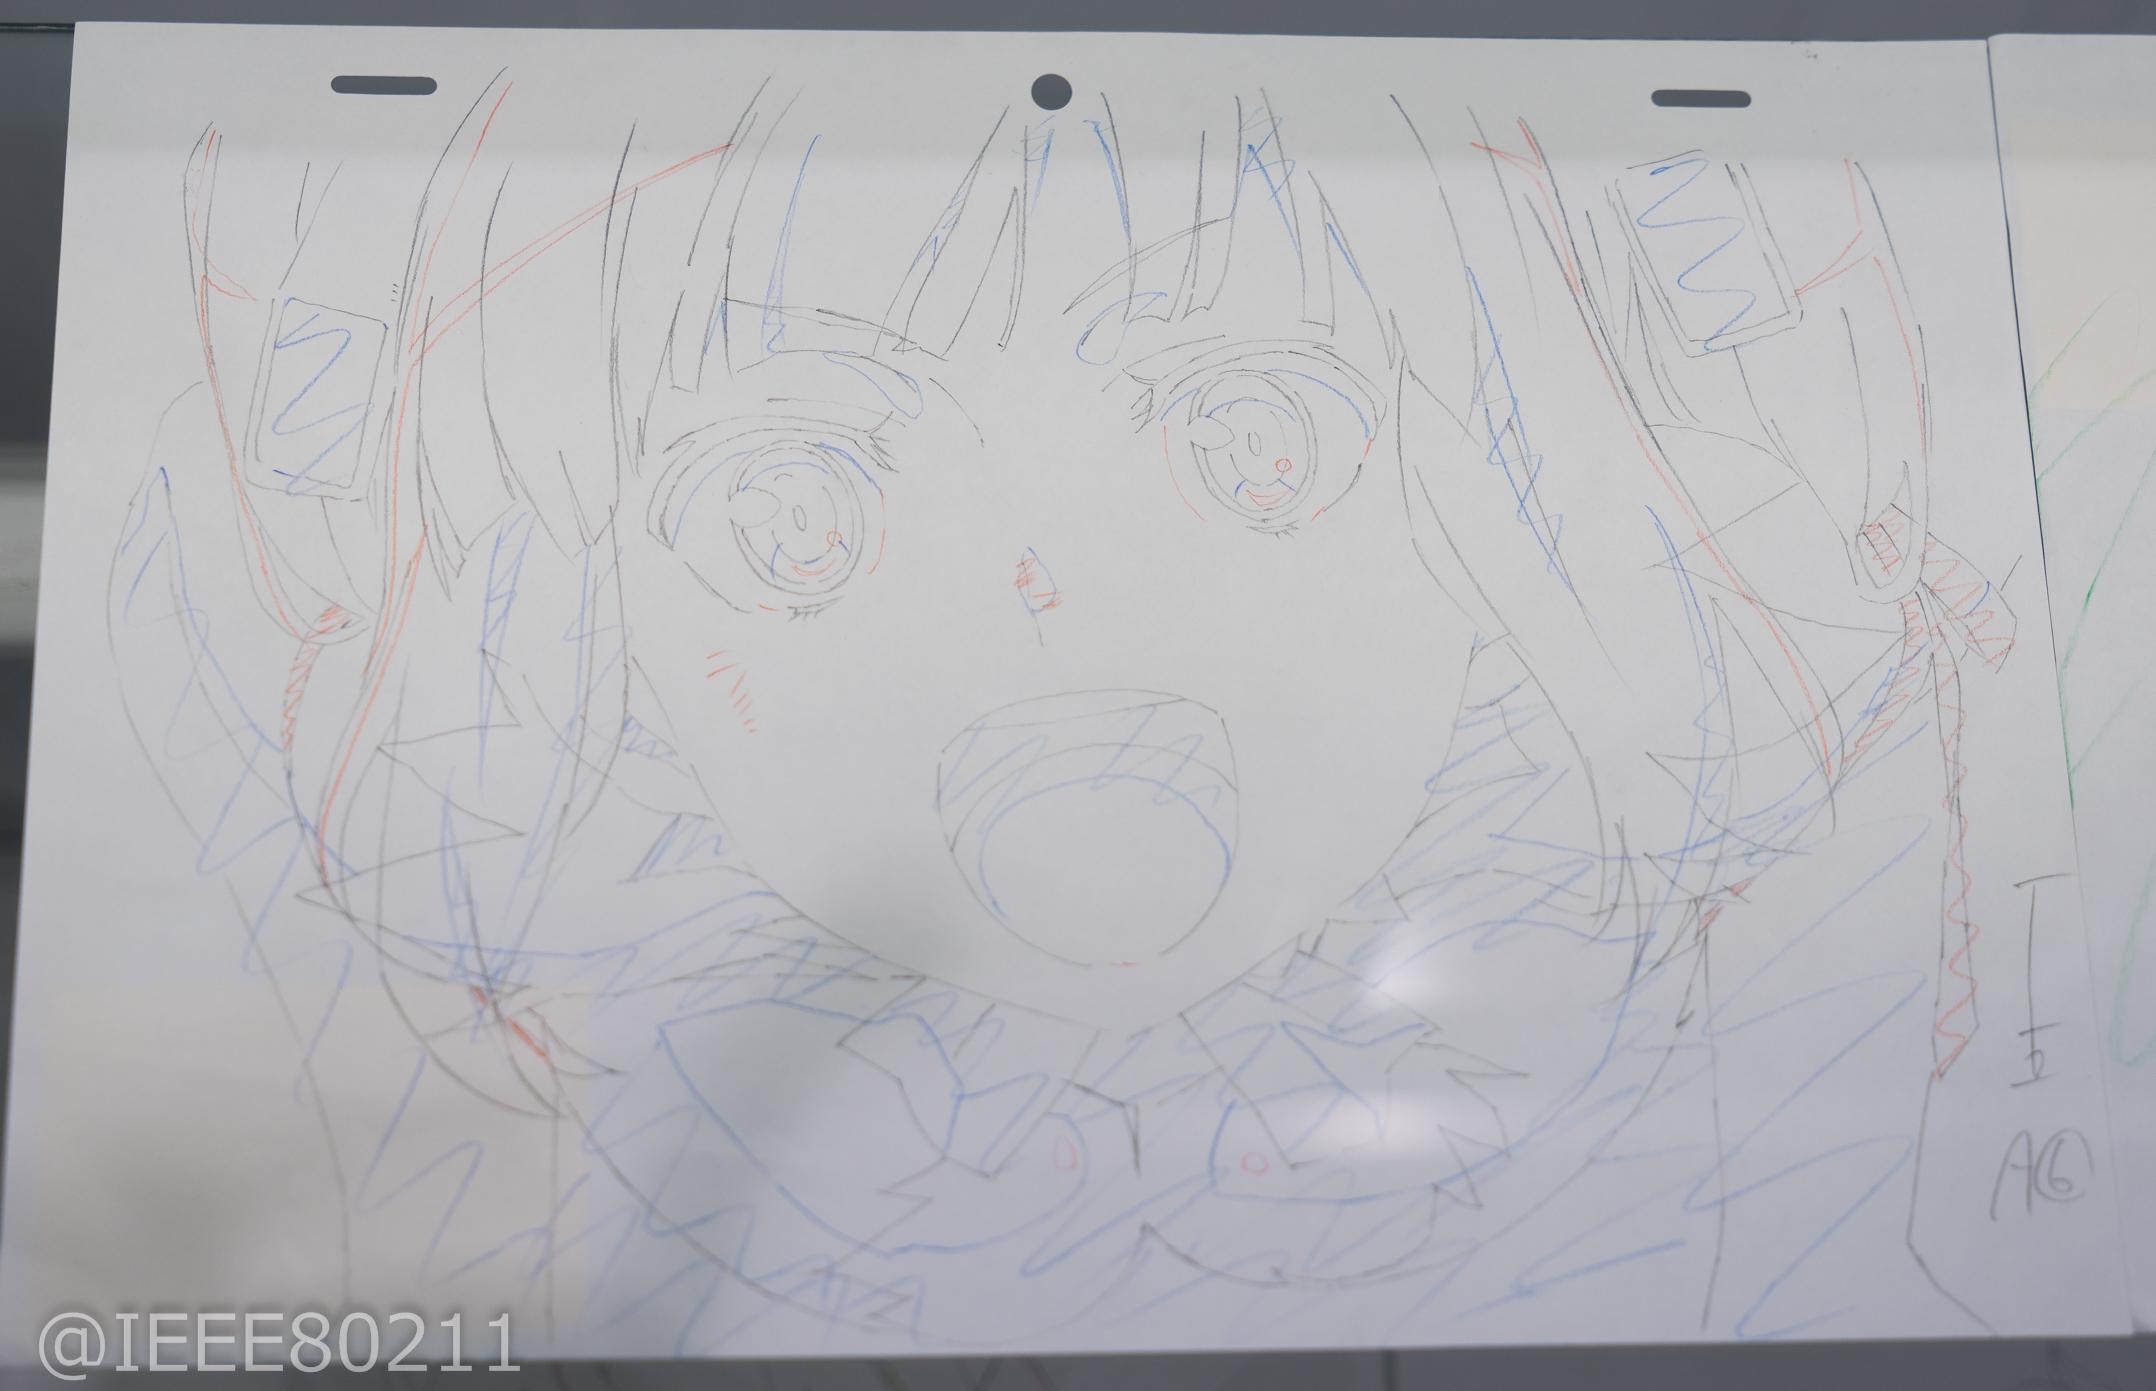 Dungeon ni Deai wo Motomeru no wa Machigatteiru Darou ka Danmachi Exhibition in Akiba Previewed 010